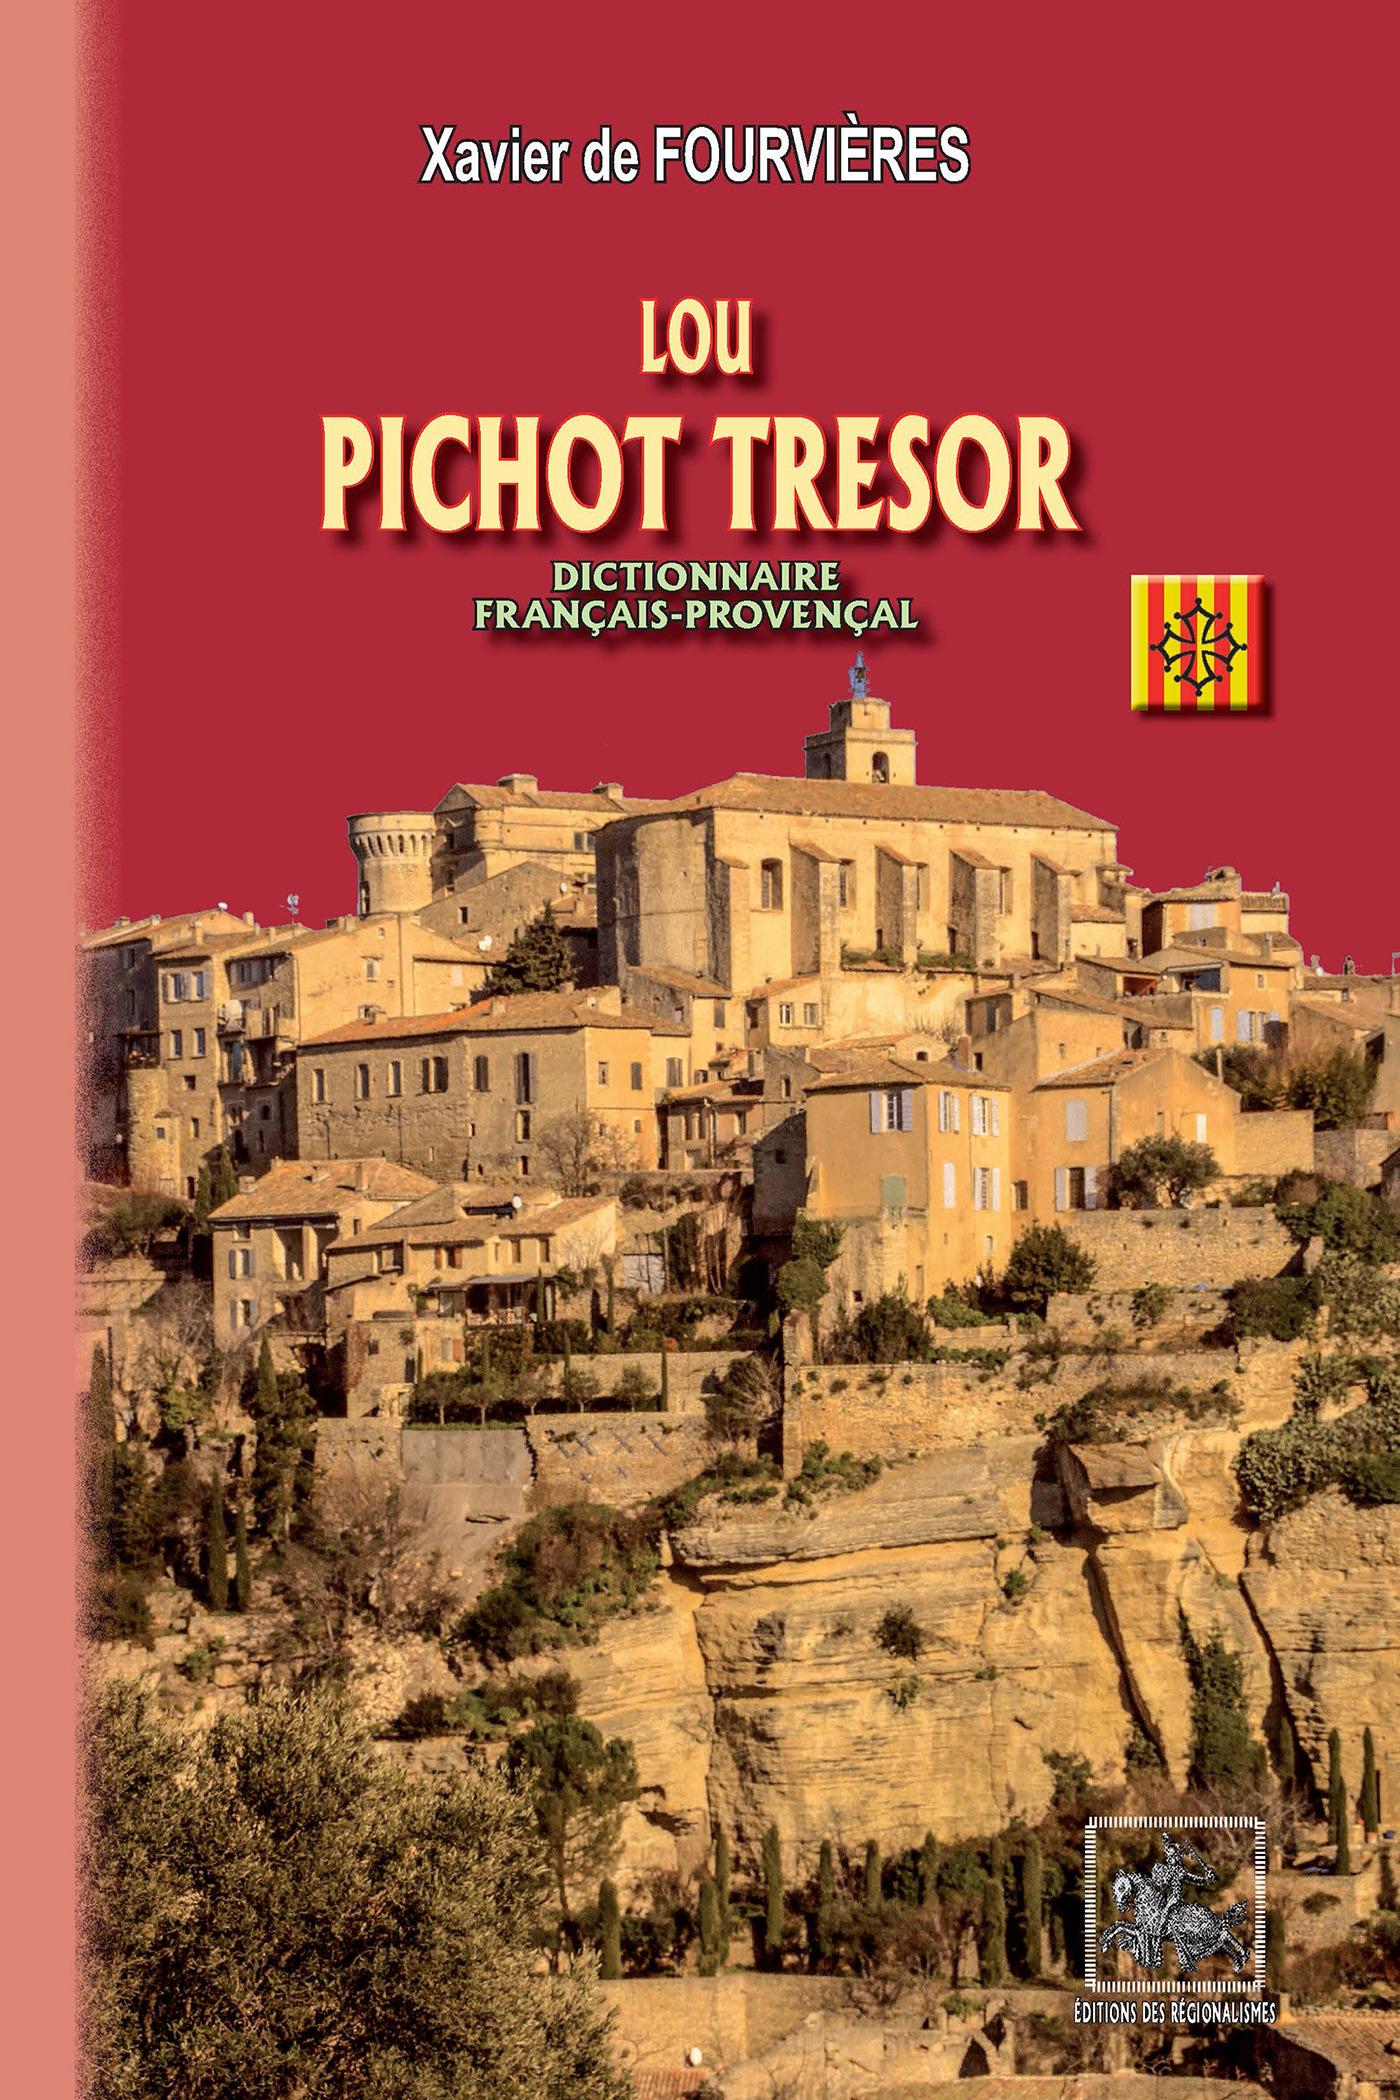 Lou Pichot Tresor (dictionnaire français-provençal)